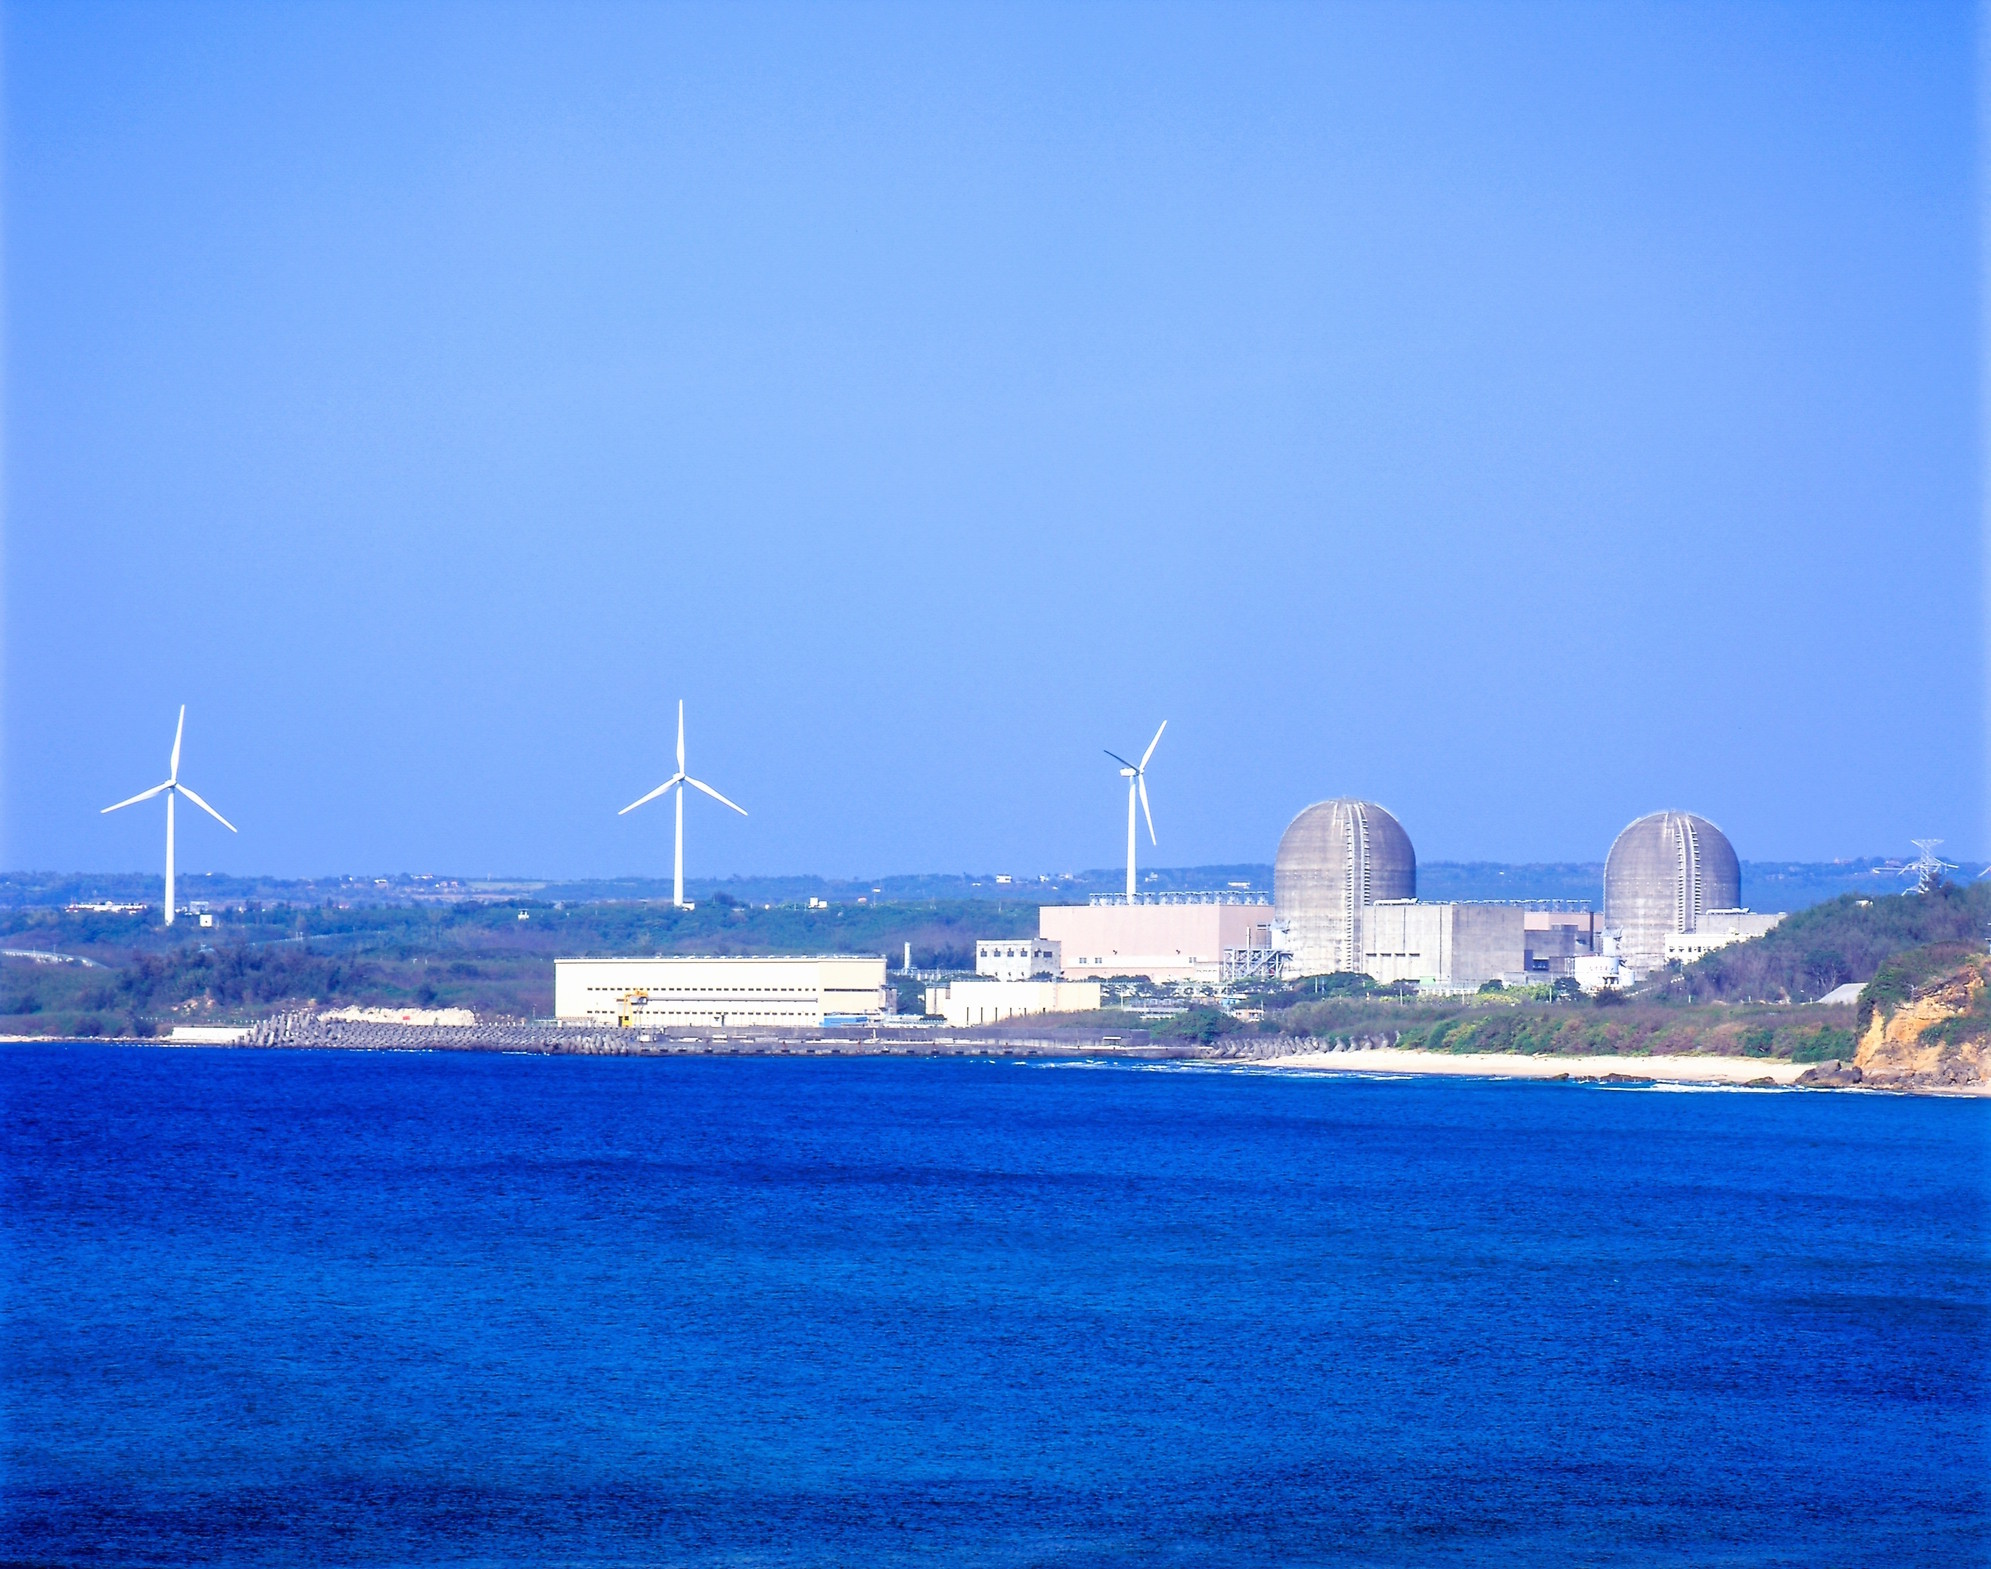 藻礁,三接,中油,經濟部,大潭,無核家園,核電,深澳,台北港,國民黨